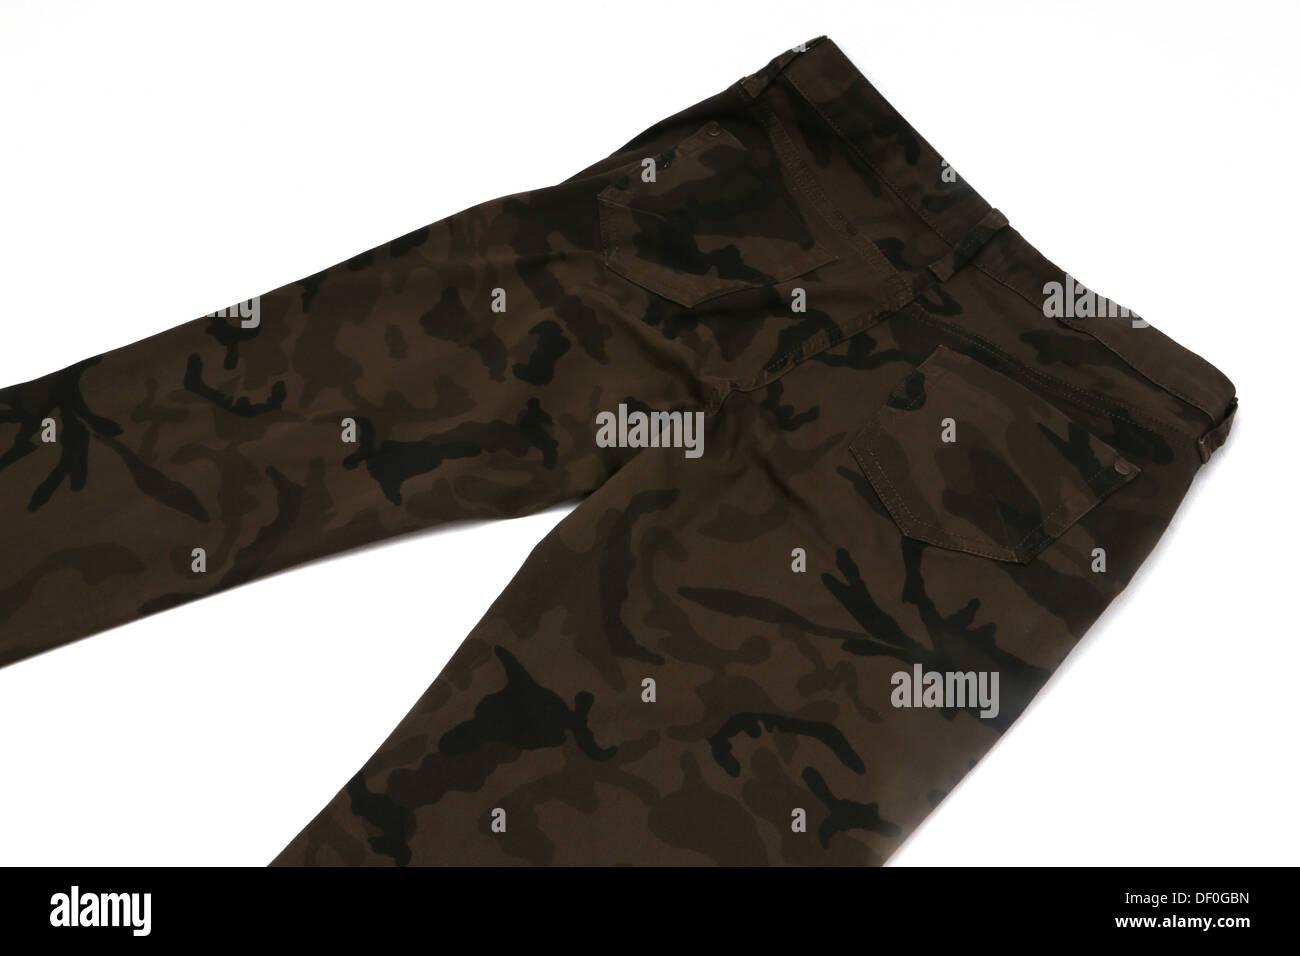 Khaki Trousers - Stock Image